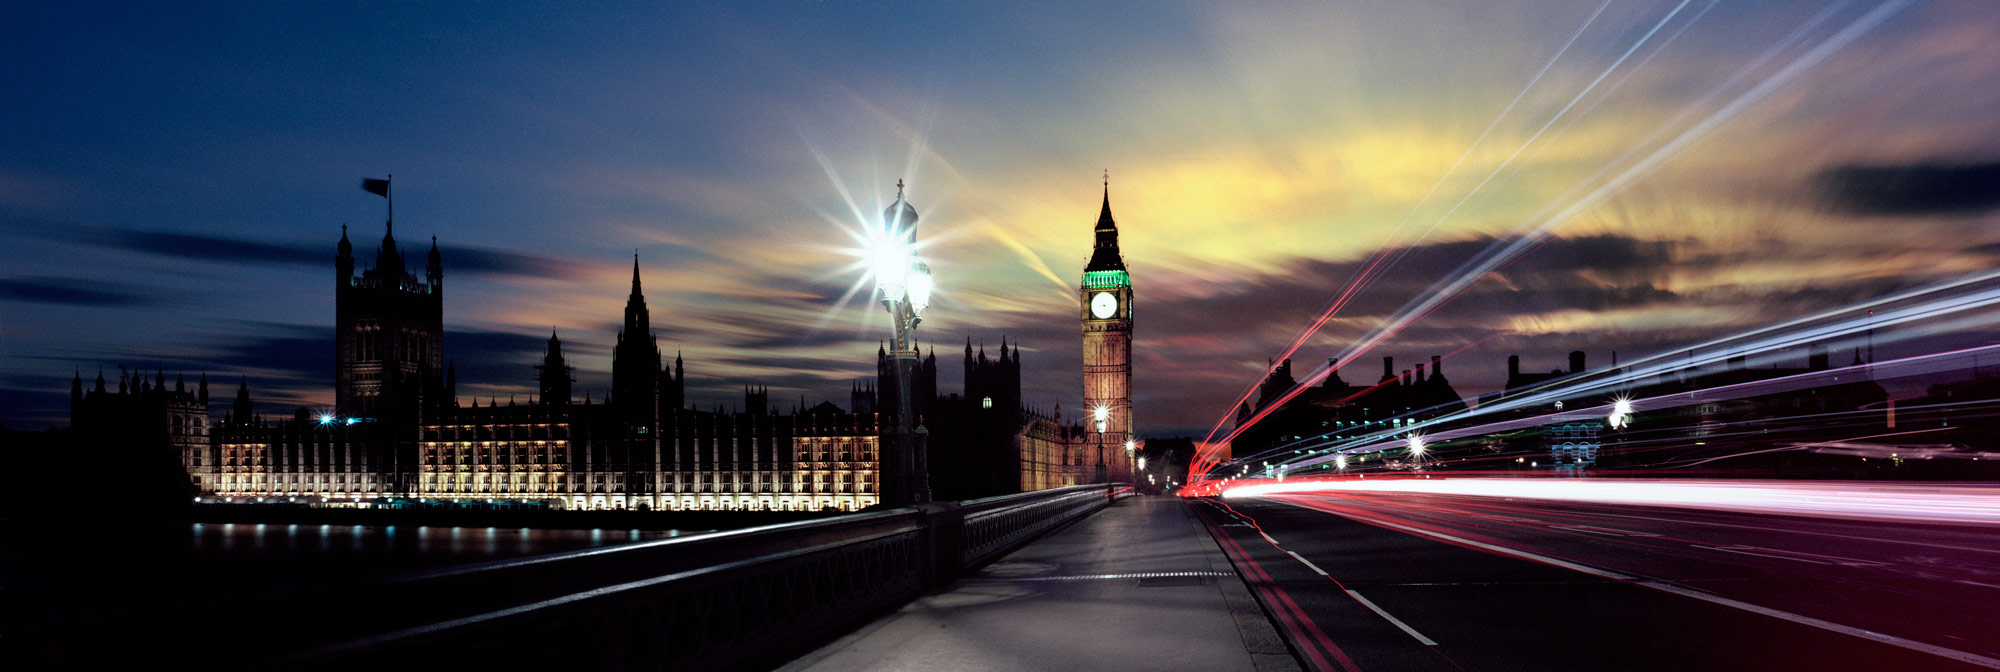 Panoramic print of Westminster bridge